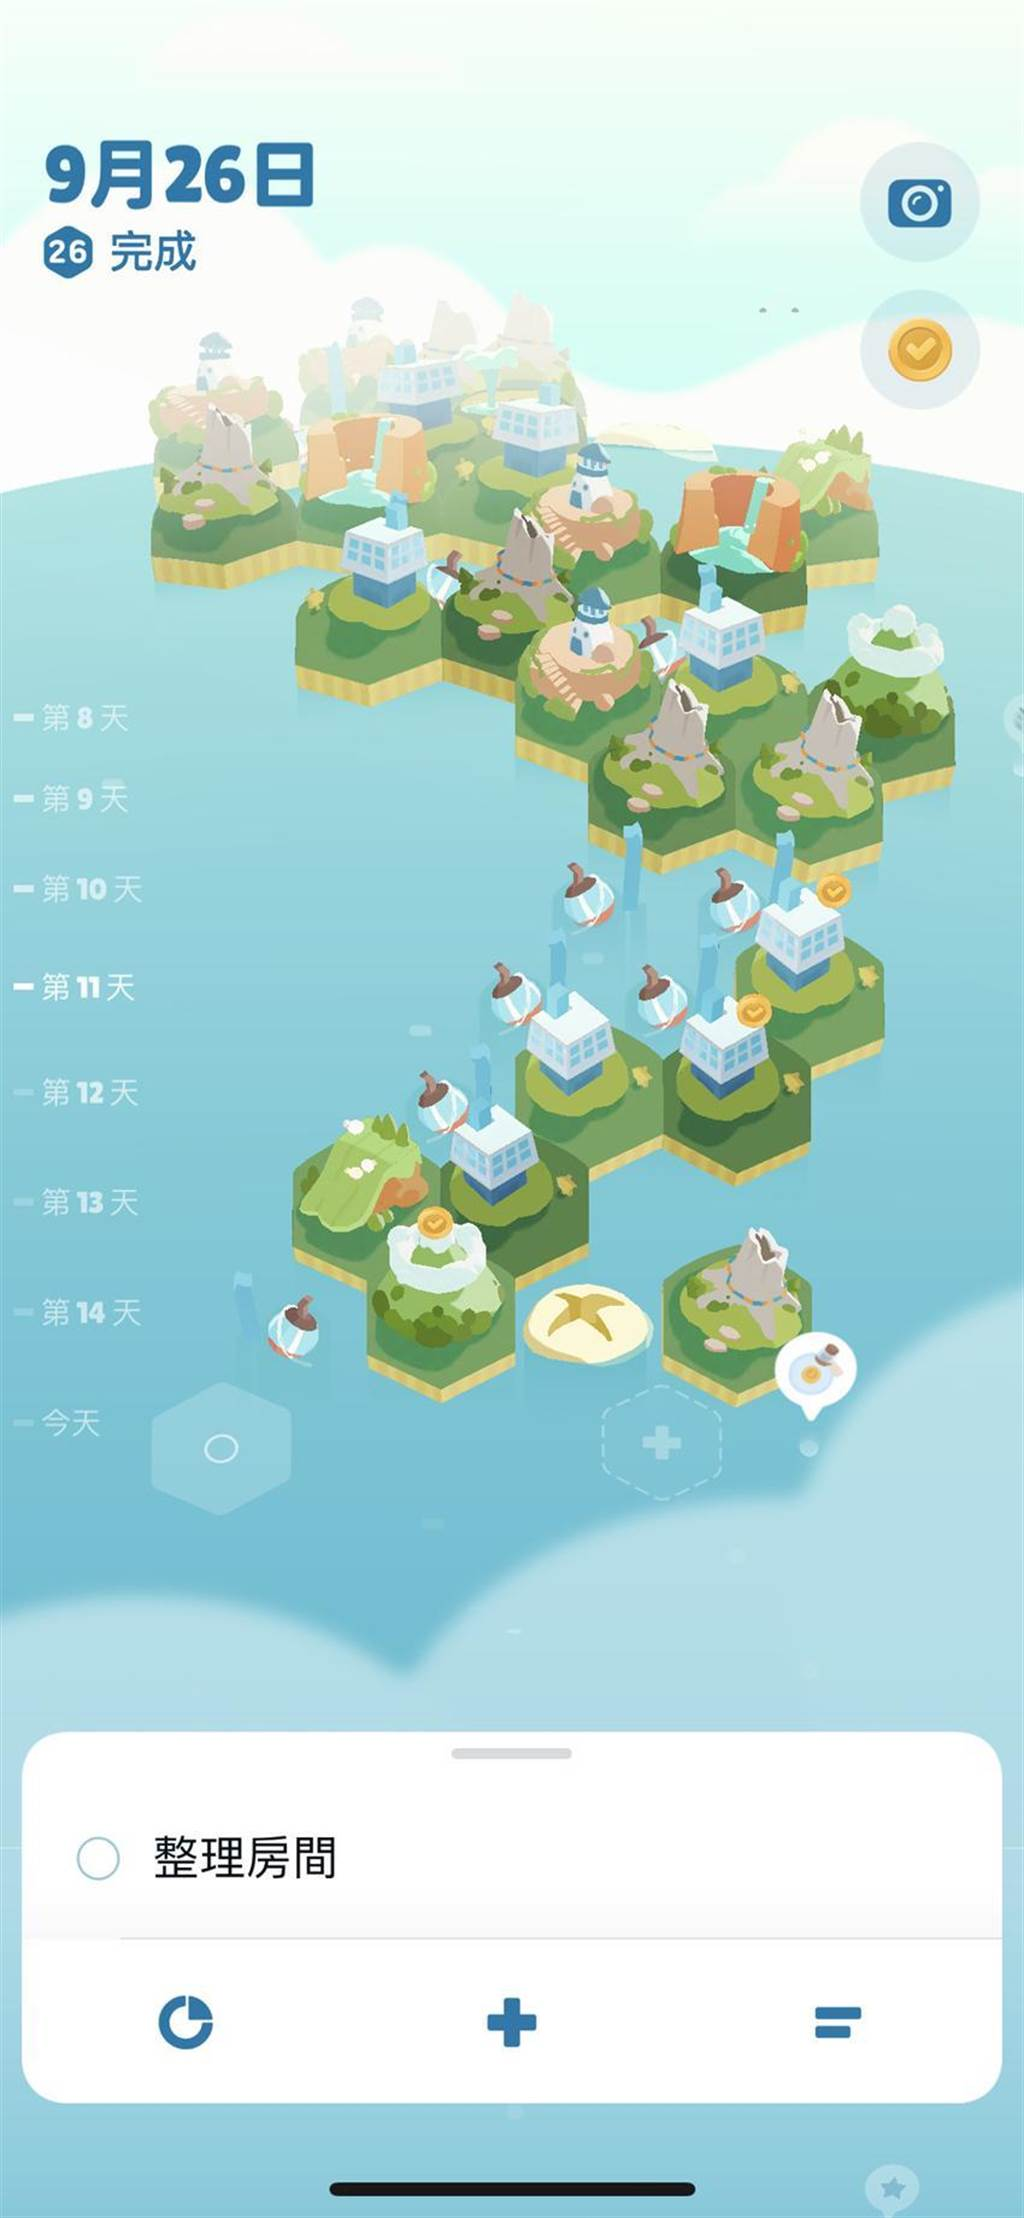 (《記事探險》中,隨著每天完成更多事項,板塊逐漸累積為島嶼。圖/廠商提供)